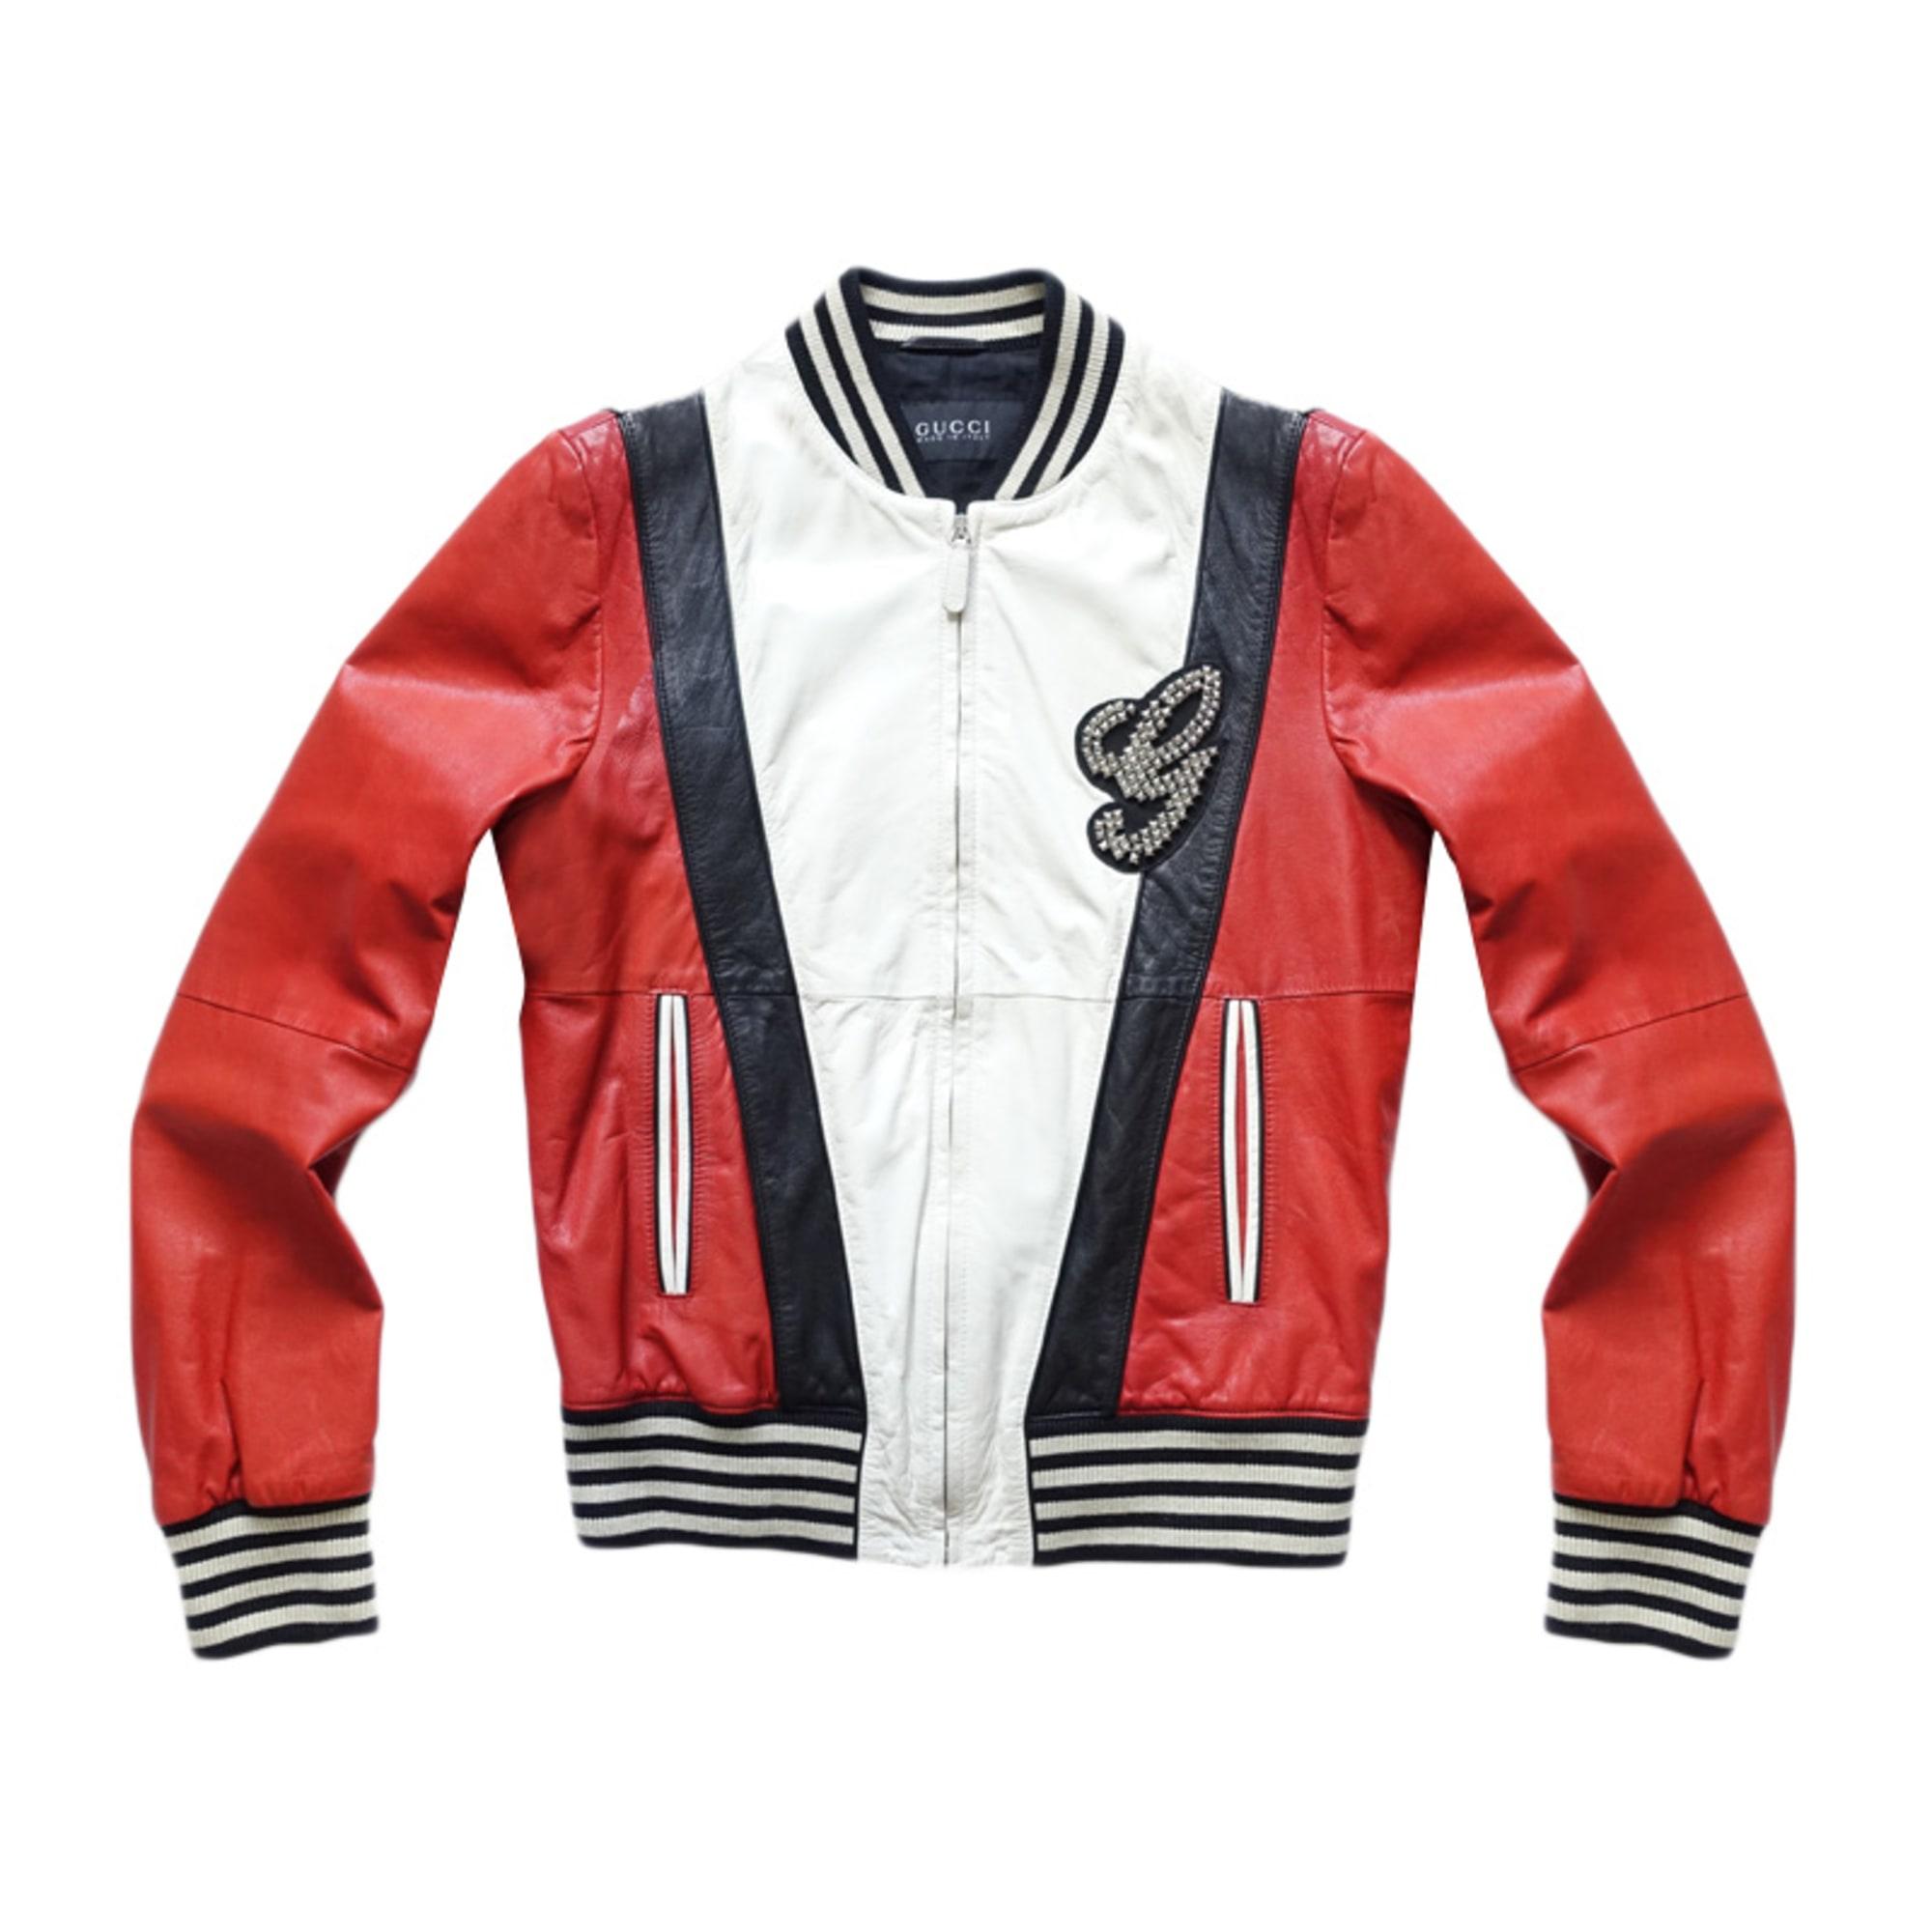 Veste Gucci 52 L Rouge 3775694